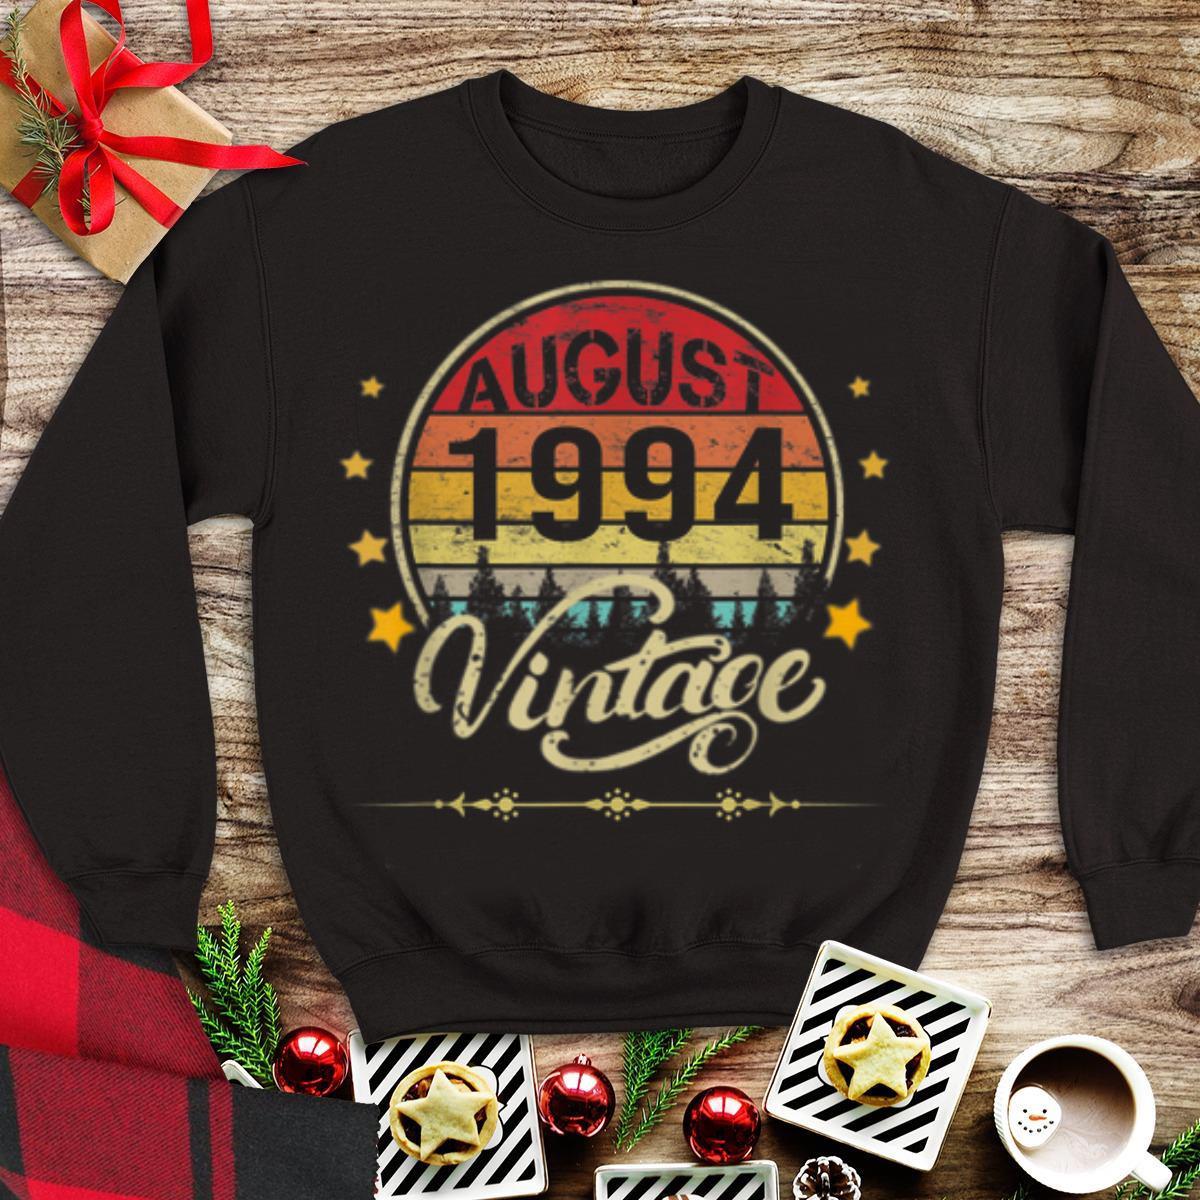 Official August 1994 Vintage Vintage hoodie